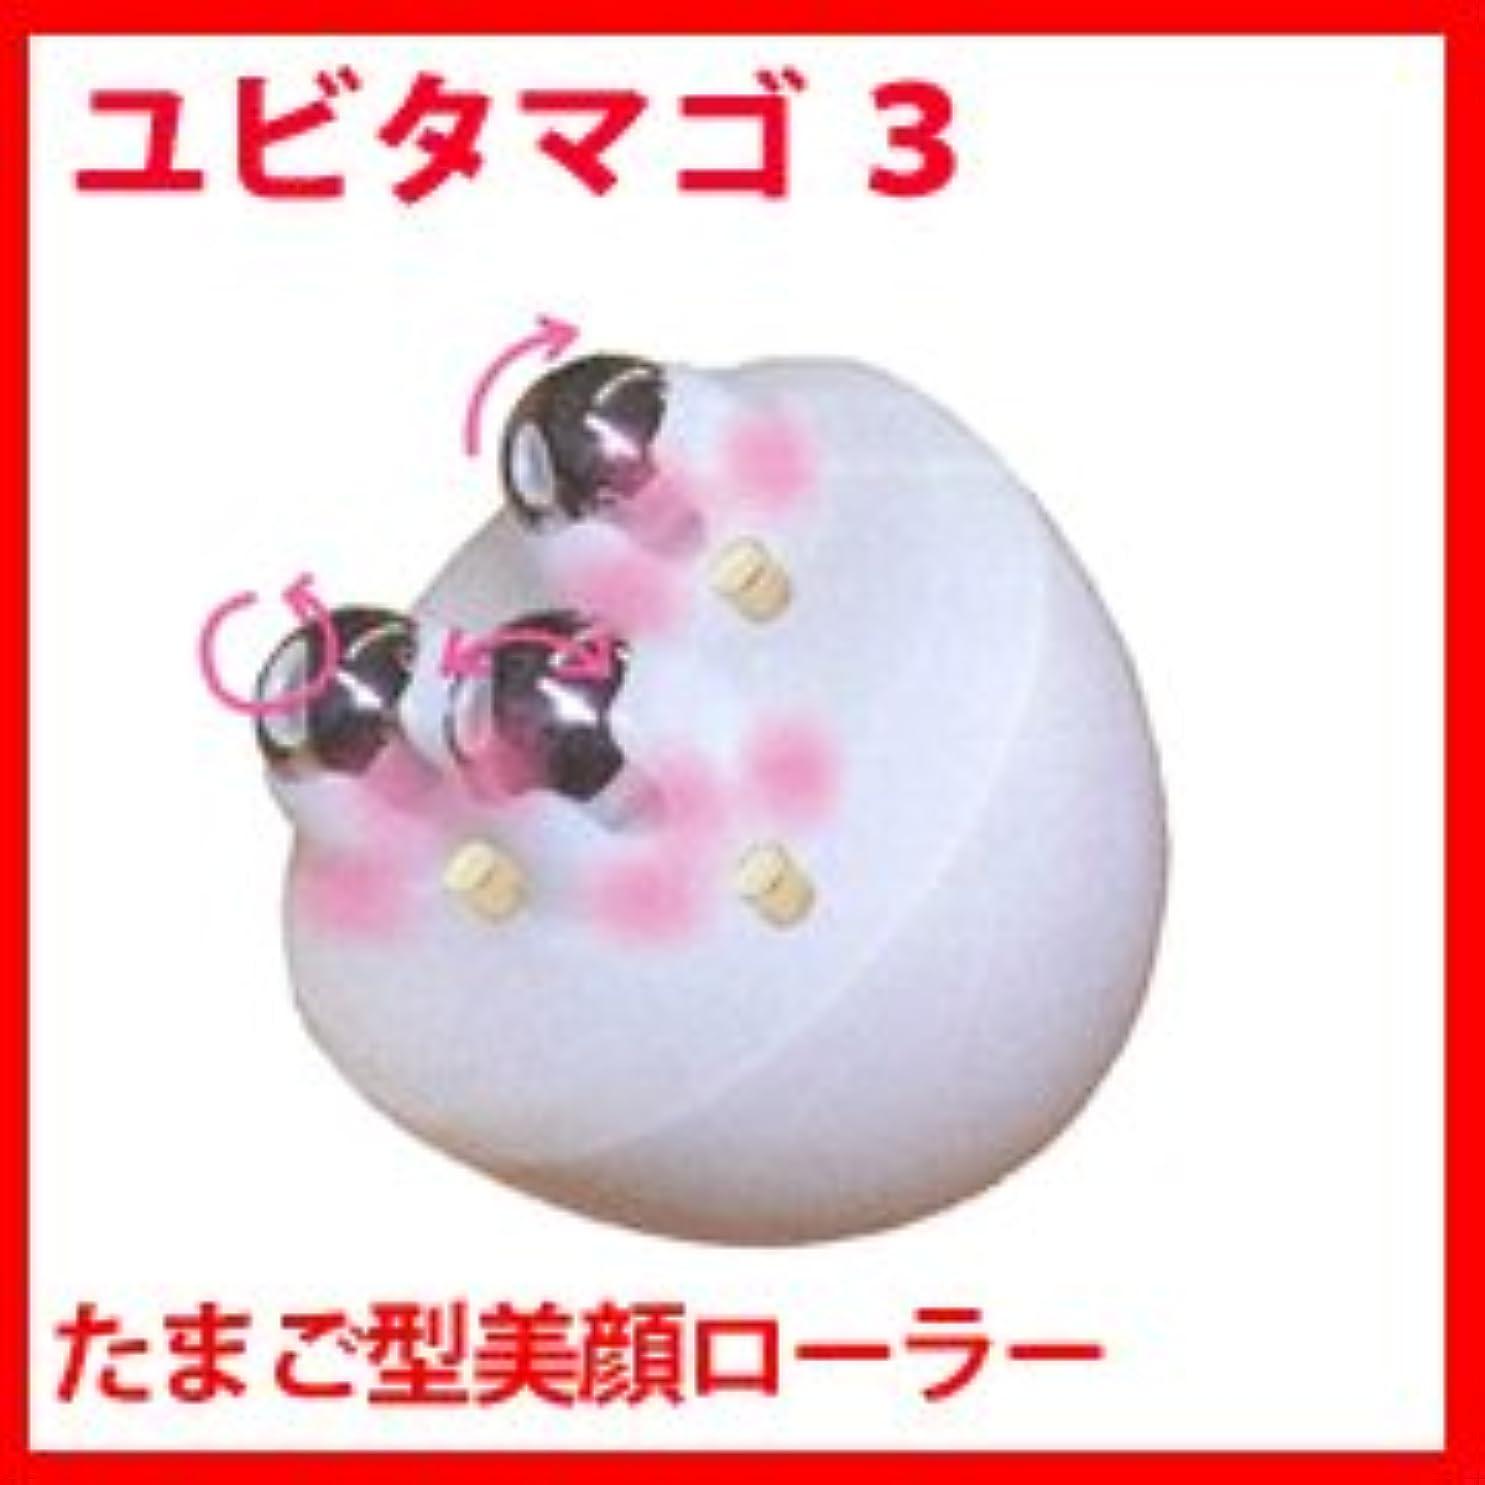 検出可能つづり本能ユビタマゴ3 卵型美顔器 ゆびたまご3 美顔ローラー ホワイト